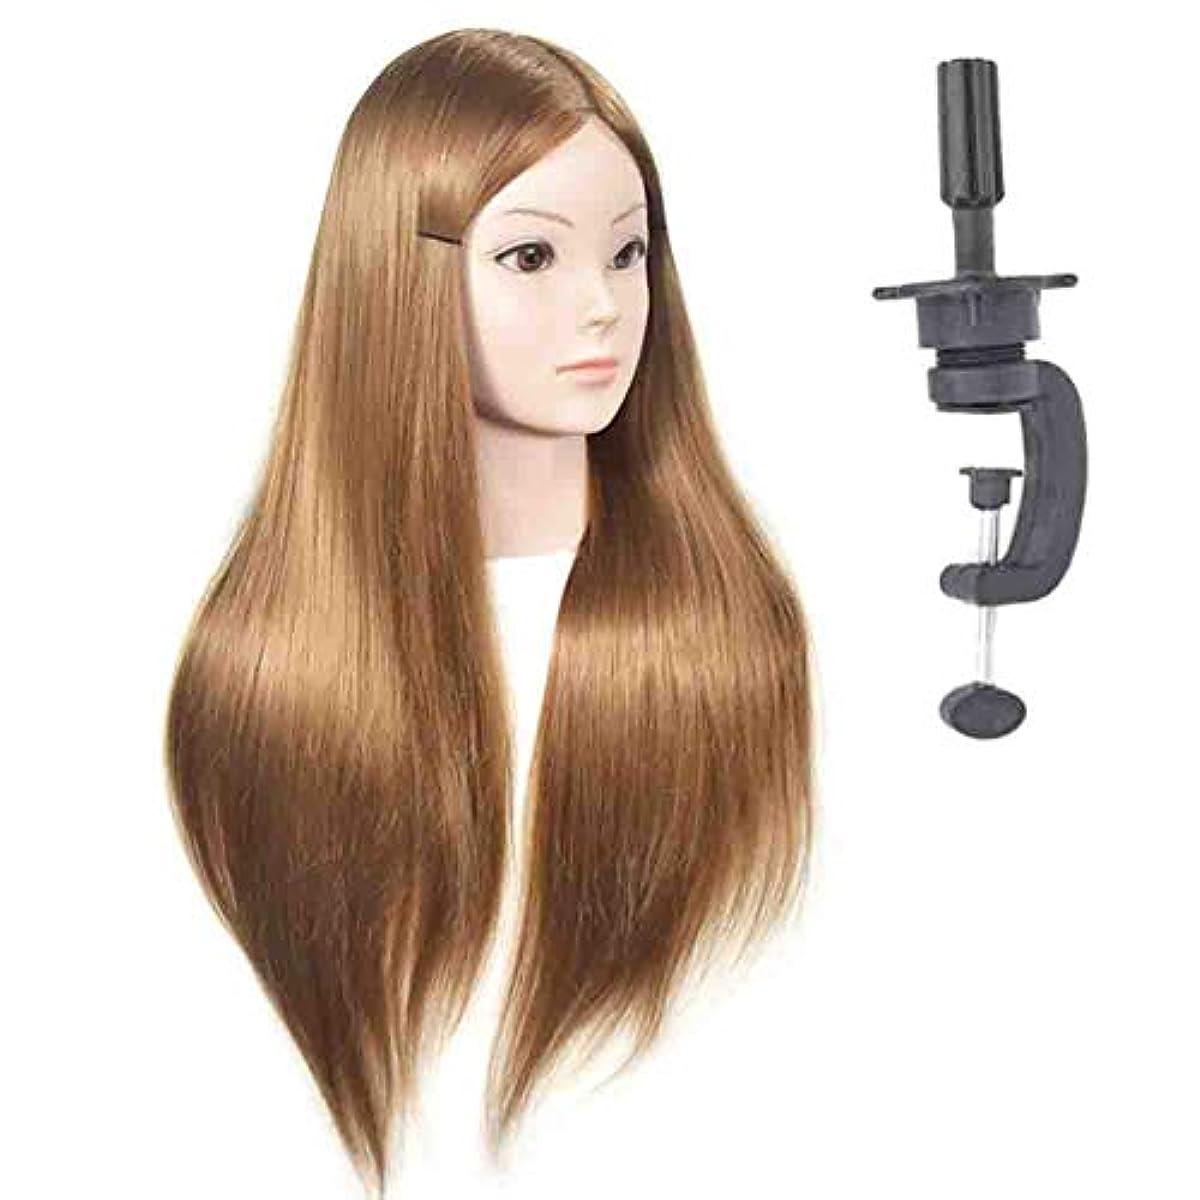 鷲投資するに慣れゴールデンプラクティスマネキンヘッドブライダルメイクスタイリングプラクティスダミーヘッドヘアサロン散髪指導ヘッドは染めることができます漂白